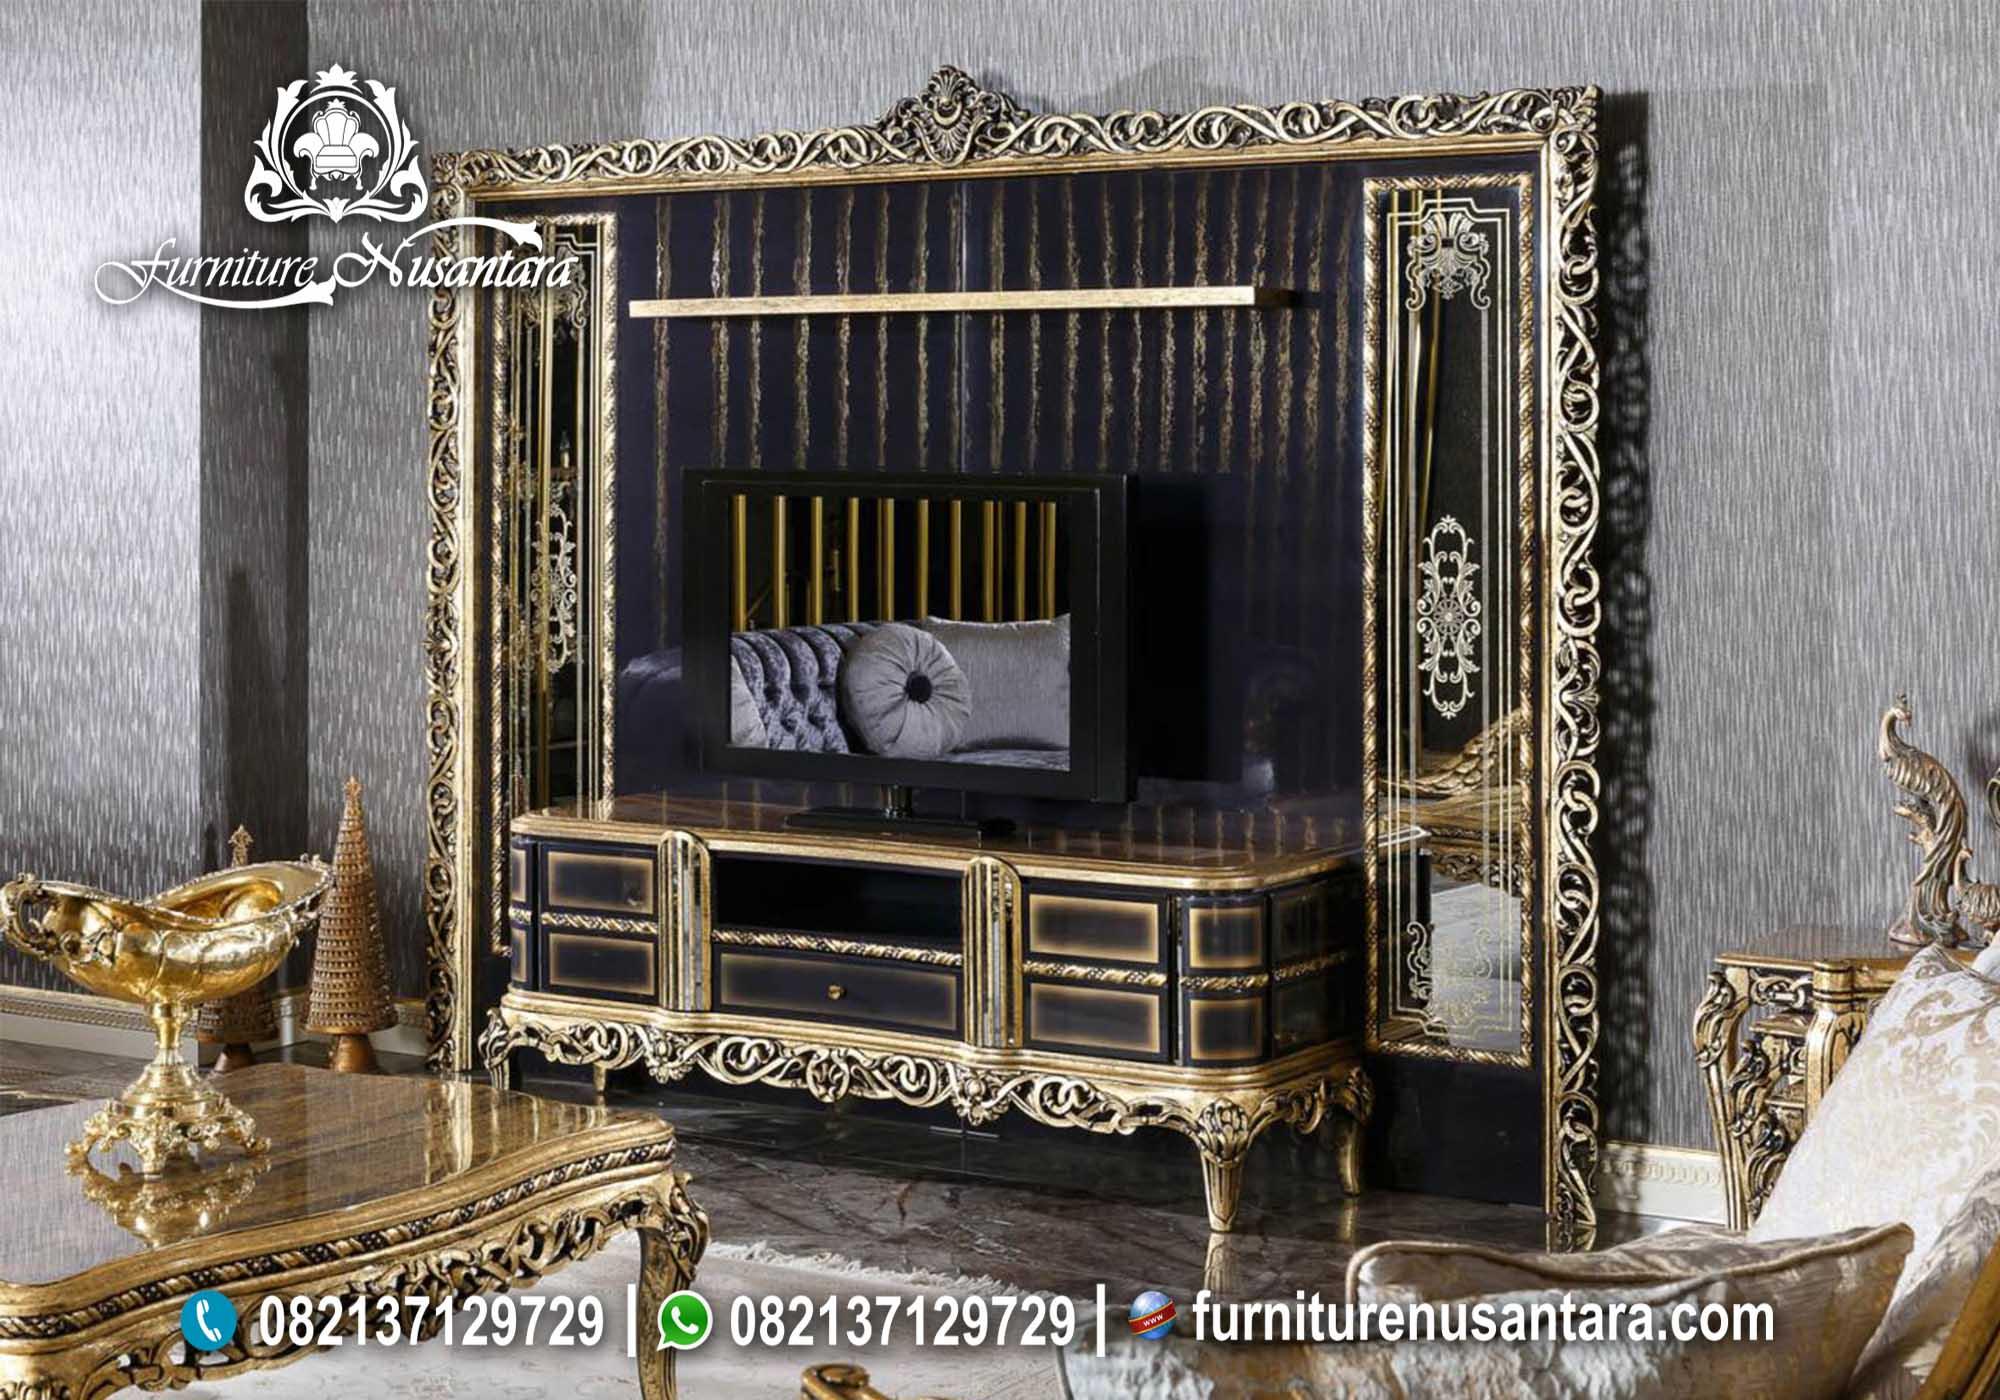 Jual Backdrop TV Klasik Ukir Mewah BTV-24, Furniture Nusantara